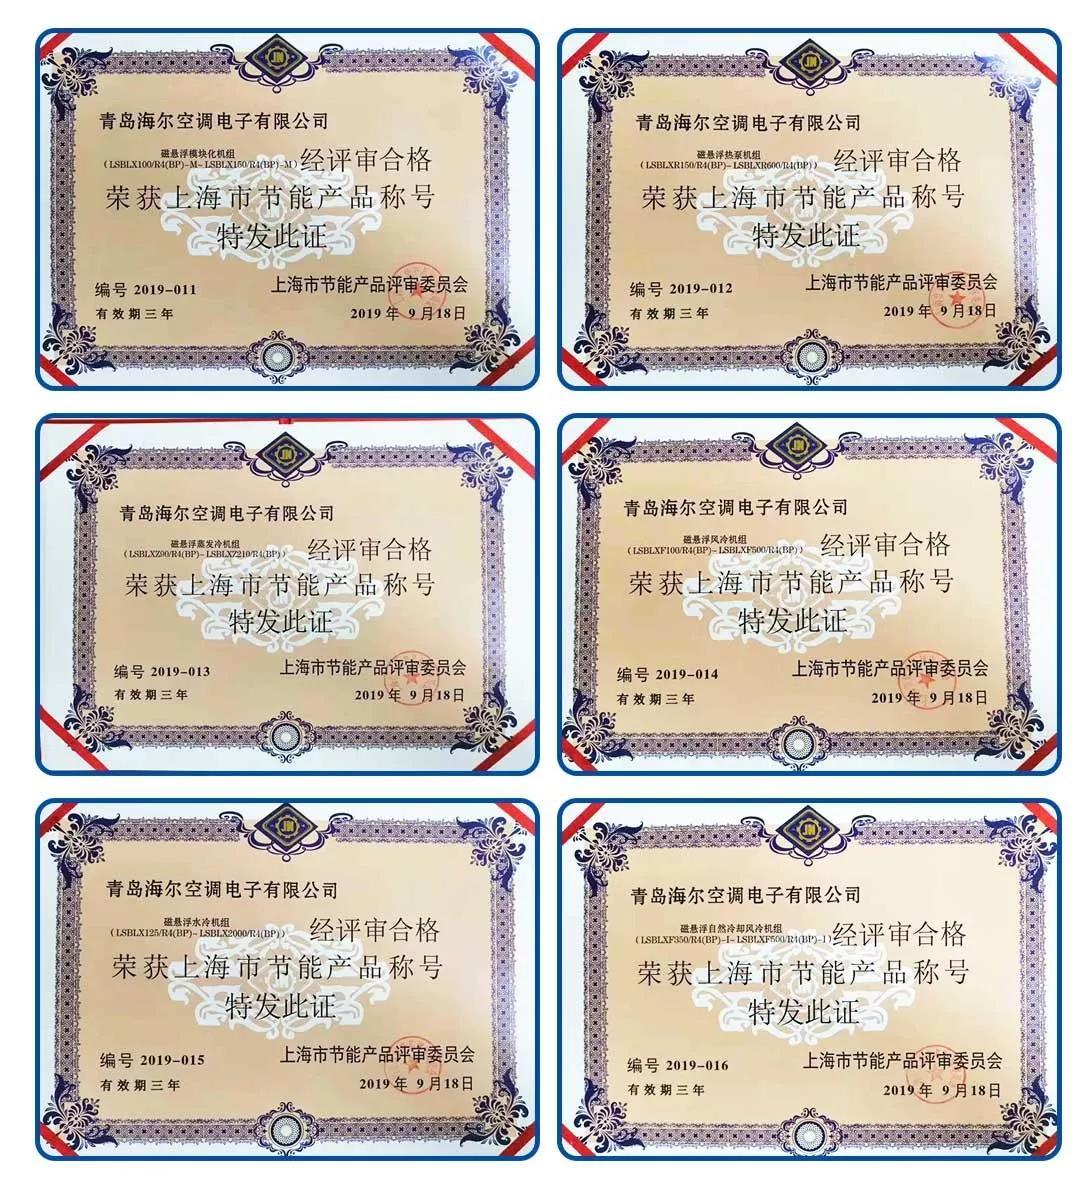 """行业唯一!海尔磁悬浮全系列产品获""""上海市节能产品认证""""!"""